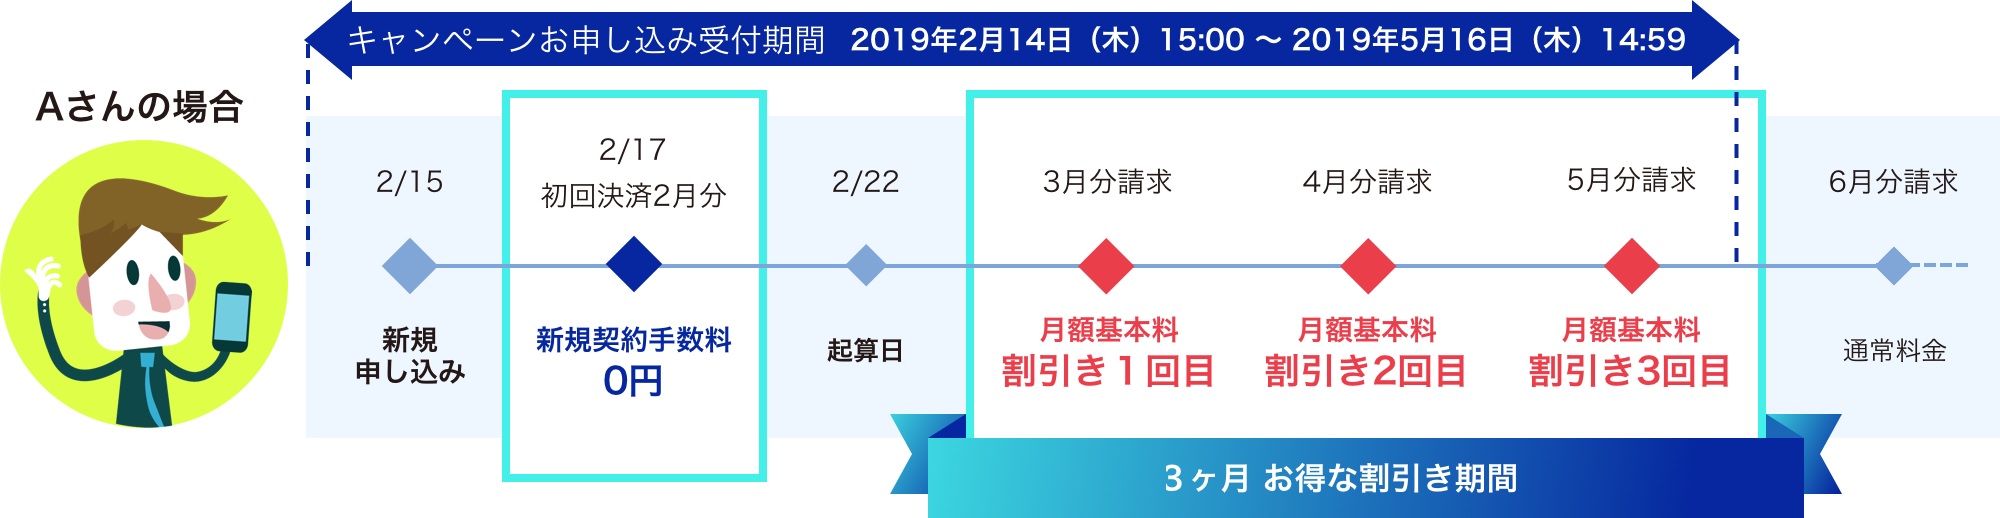 キャンペーンお申し込み受付期間【2019年2月14日(木)15:00〜2019年5月16日(木)14:59】